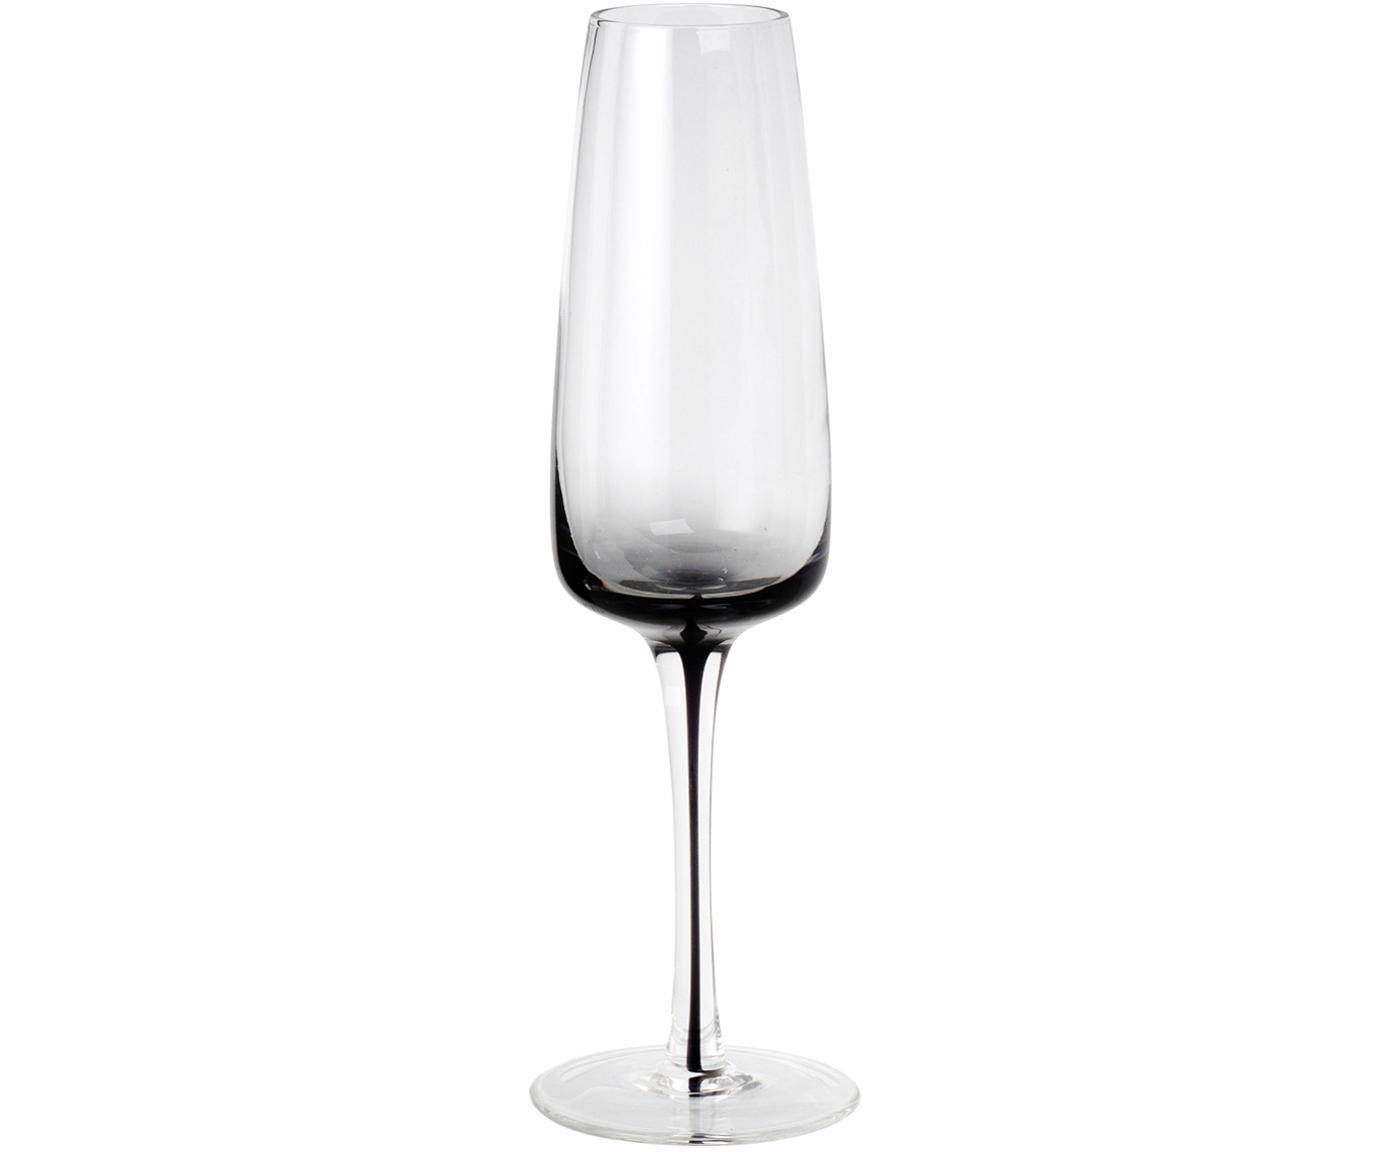 Copas flauta de champán de vidrio soplado Smoke, 4uds., Vidrio soplado, transparente, tonos gris, Ø 7 x Al 23 cm